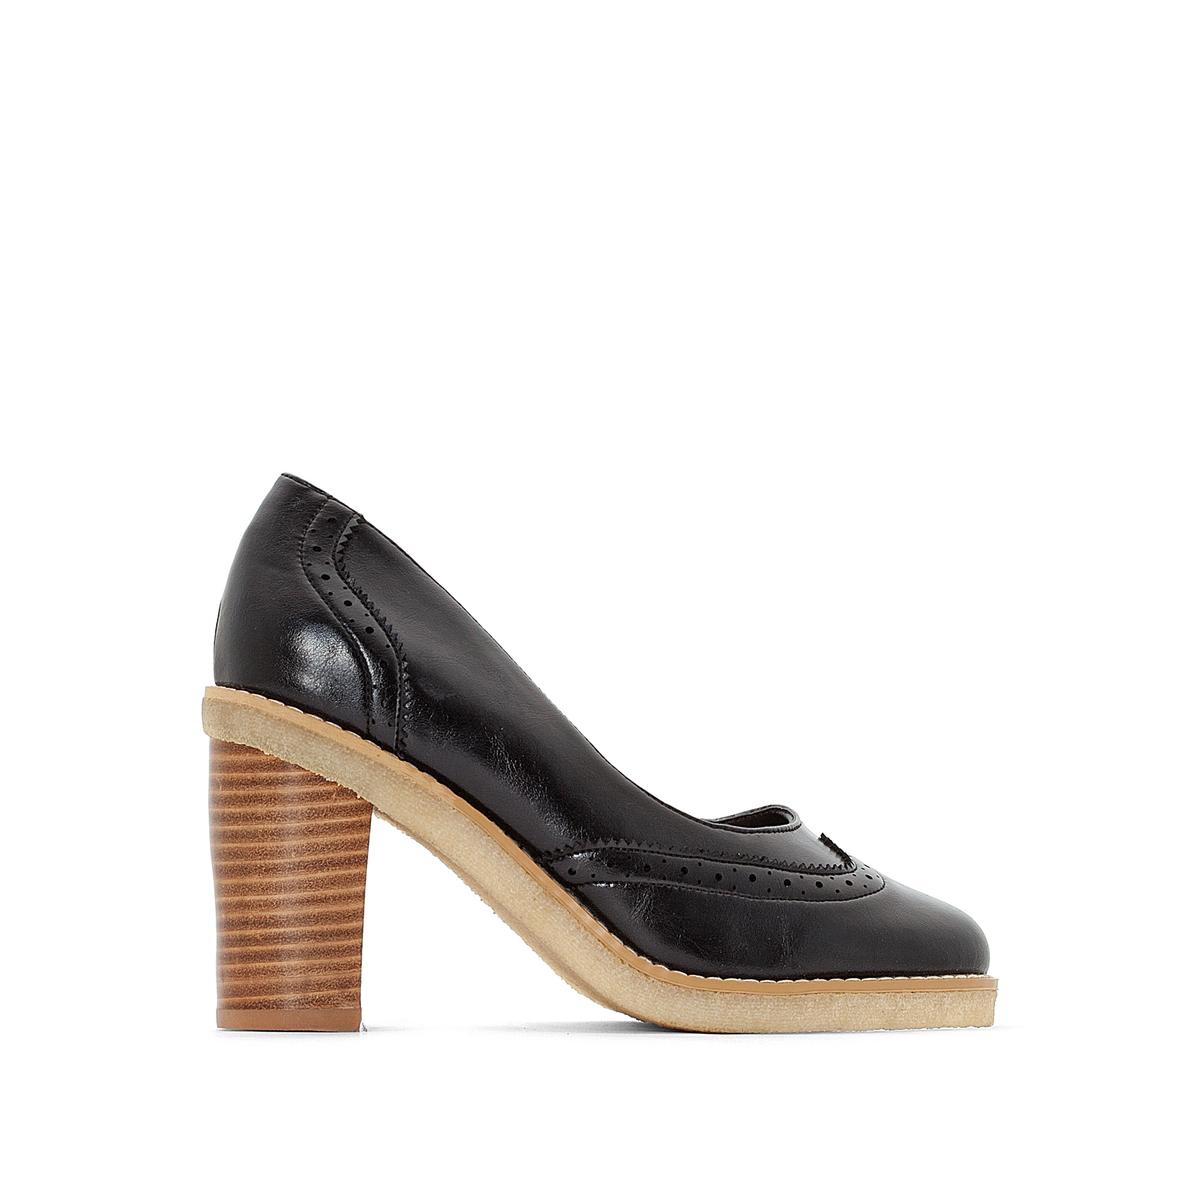 Туфли La Redoute Кожаные на высоком каблуке 35 черный ботильоны челси la redoute кожаные на высоком каблуке 36 черный